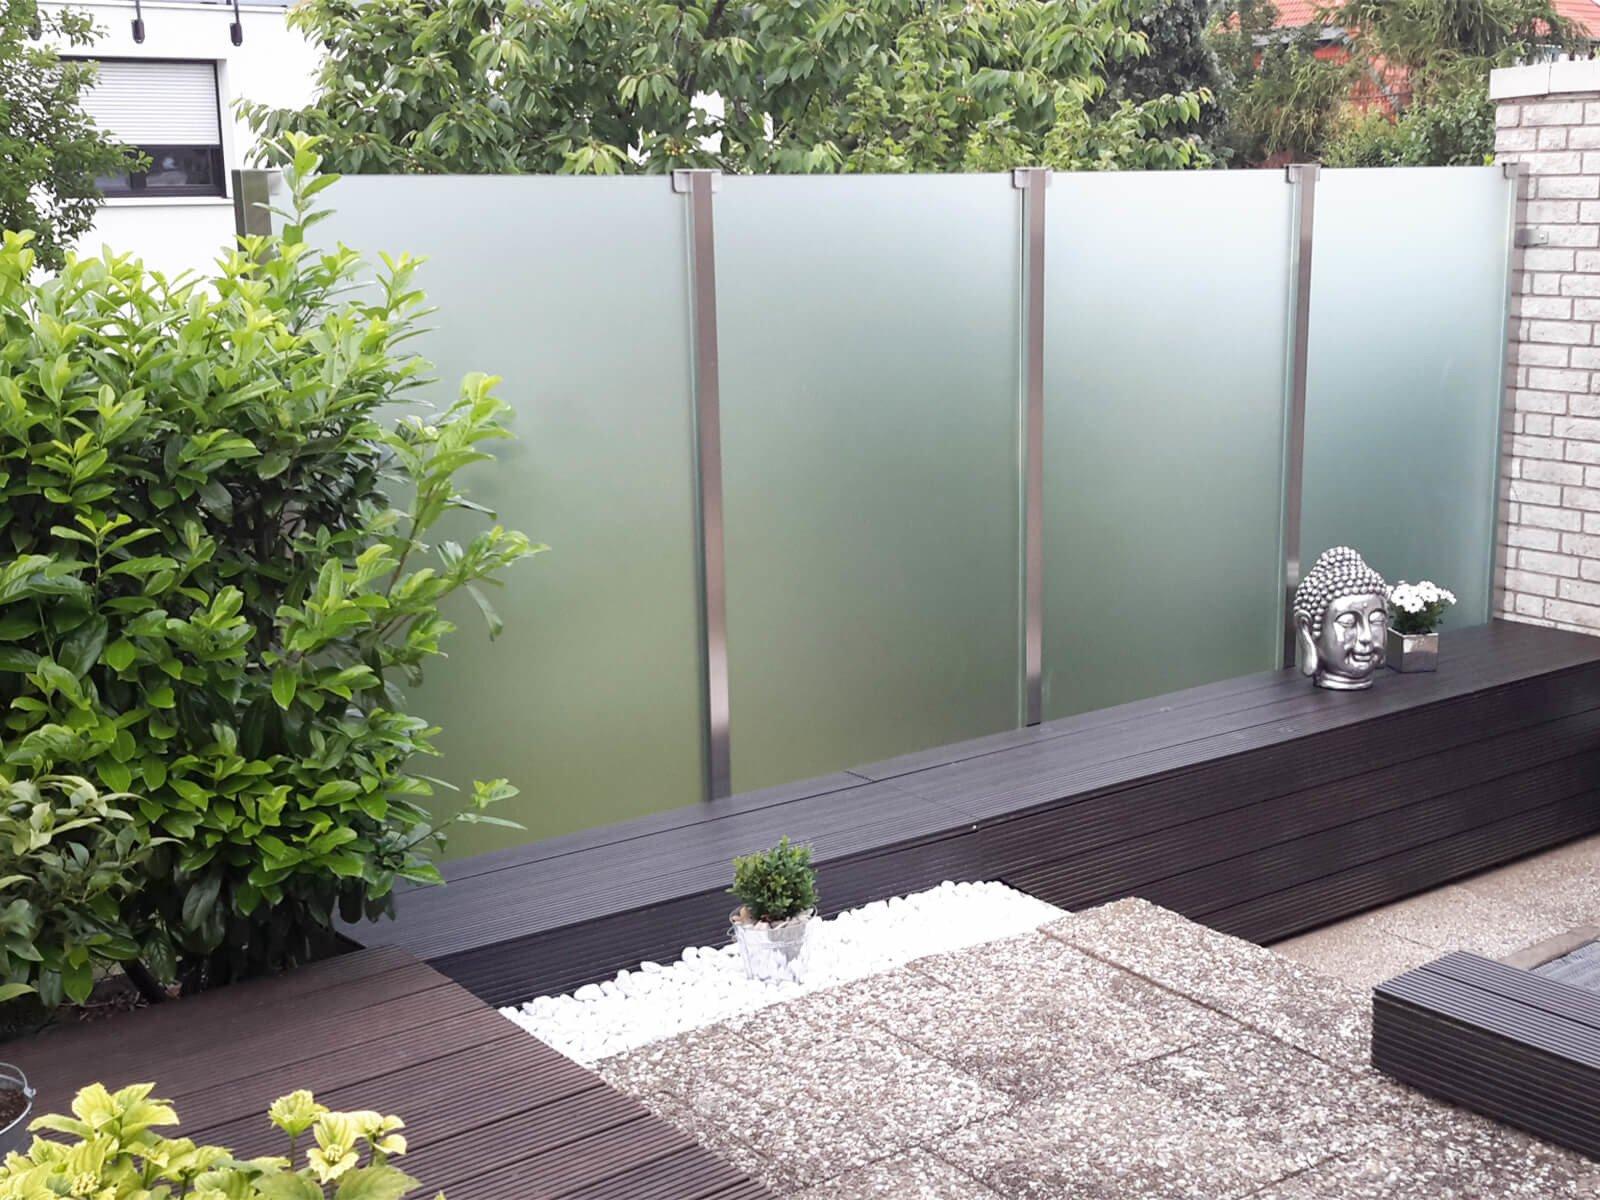 Satinierter Glaszaun als Windschutz und Sichtschut für Garten und Terrasse in moderner zeitlosen Optik